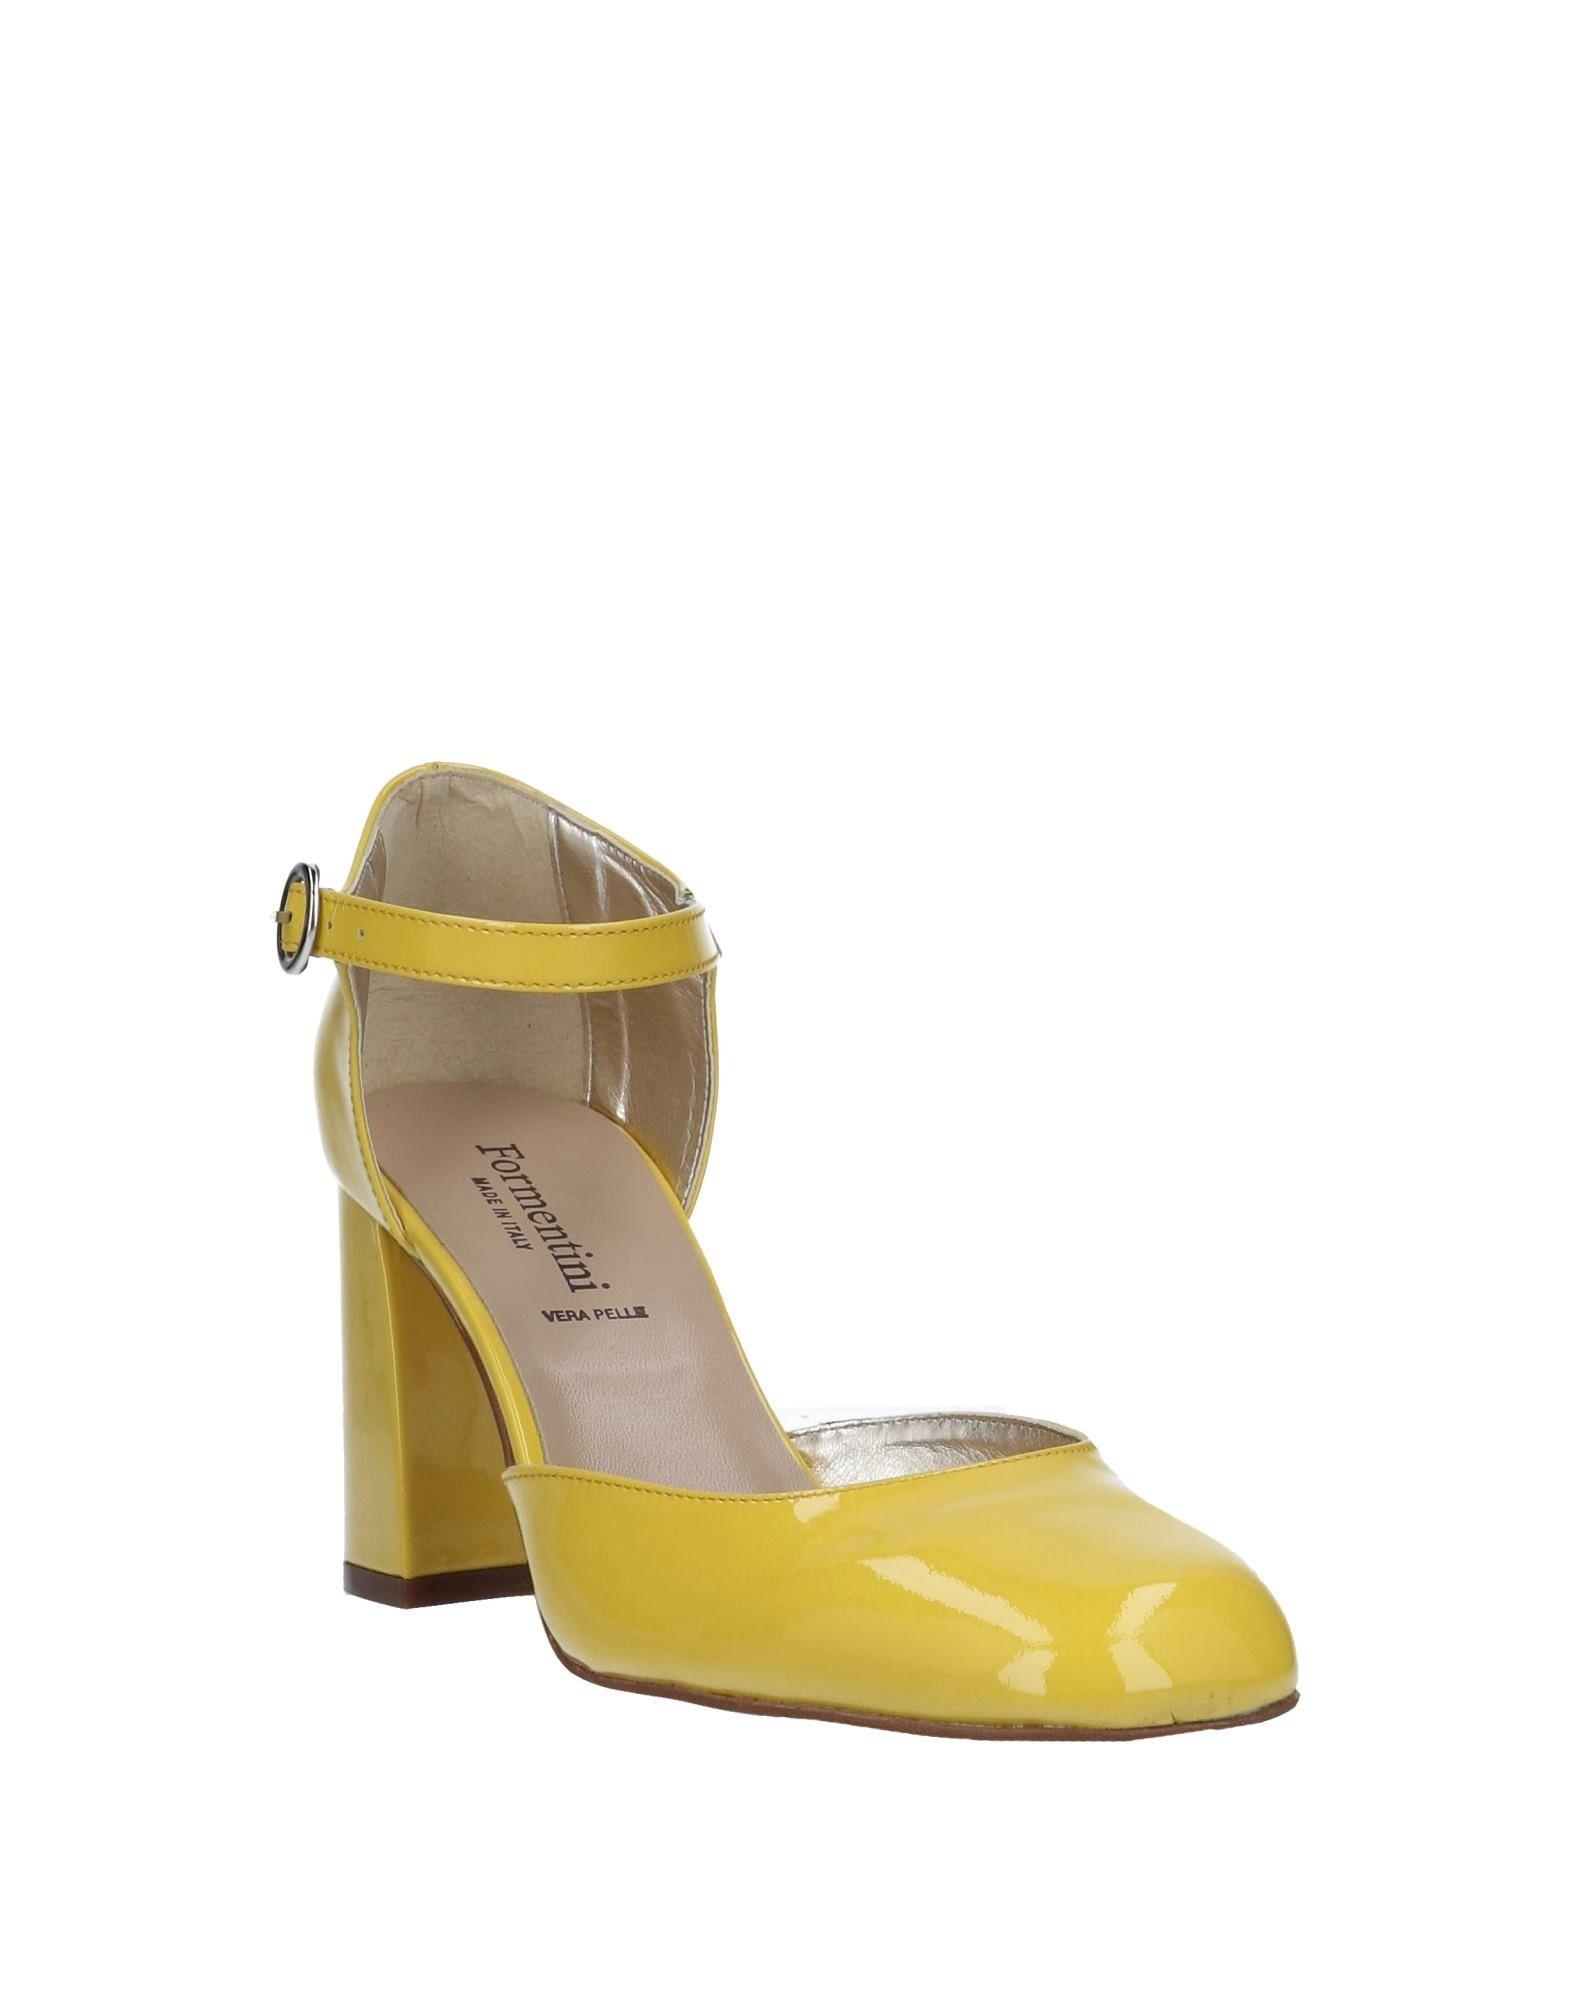 Formentini Gute Pumps Damen  11560330SG Gute Formentini Qualität beliebte Schuhe c2e6f2